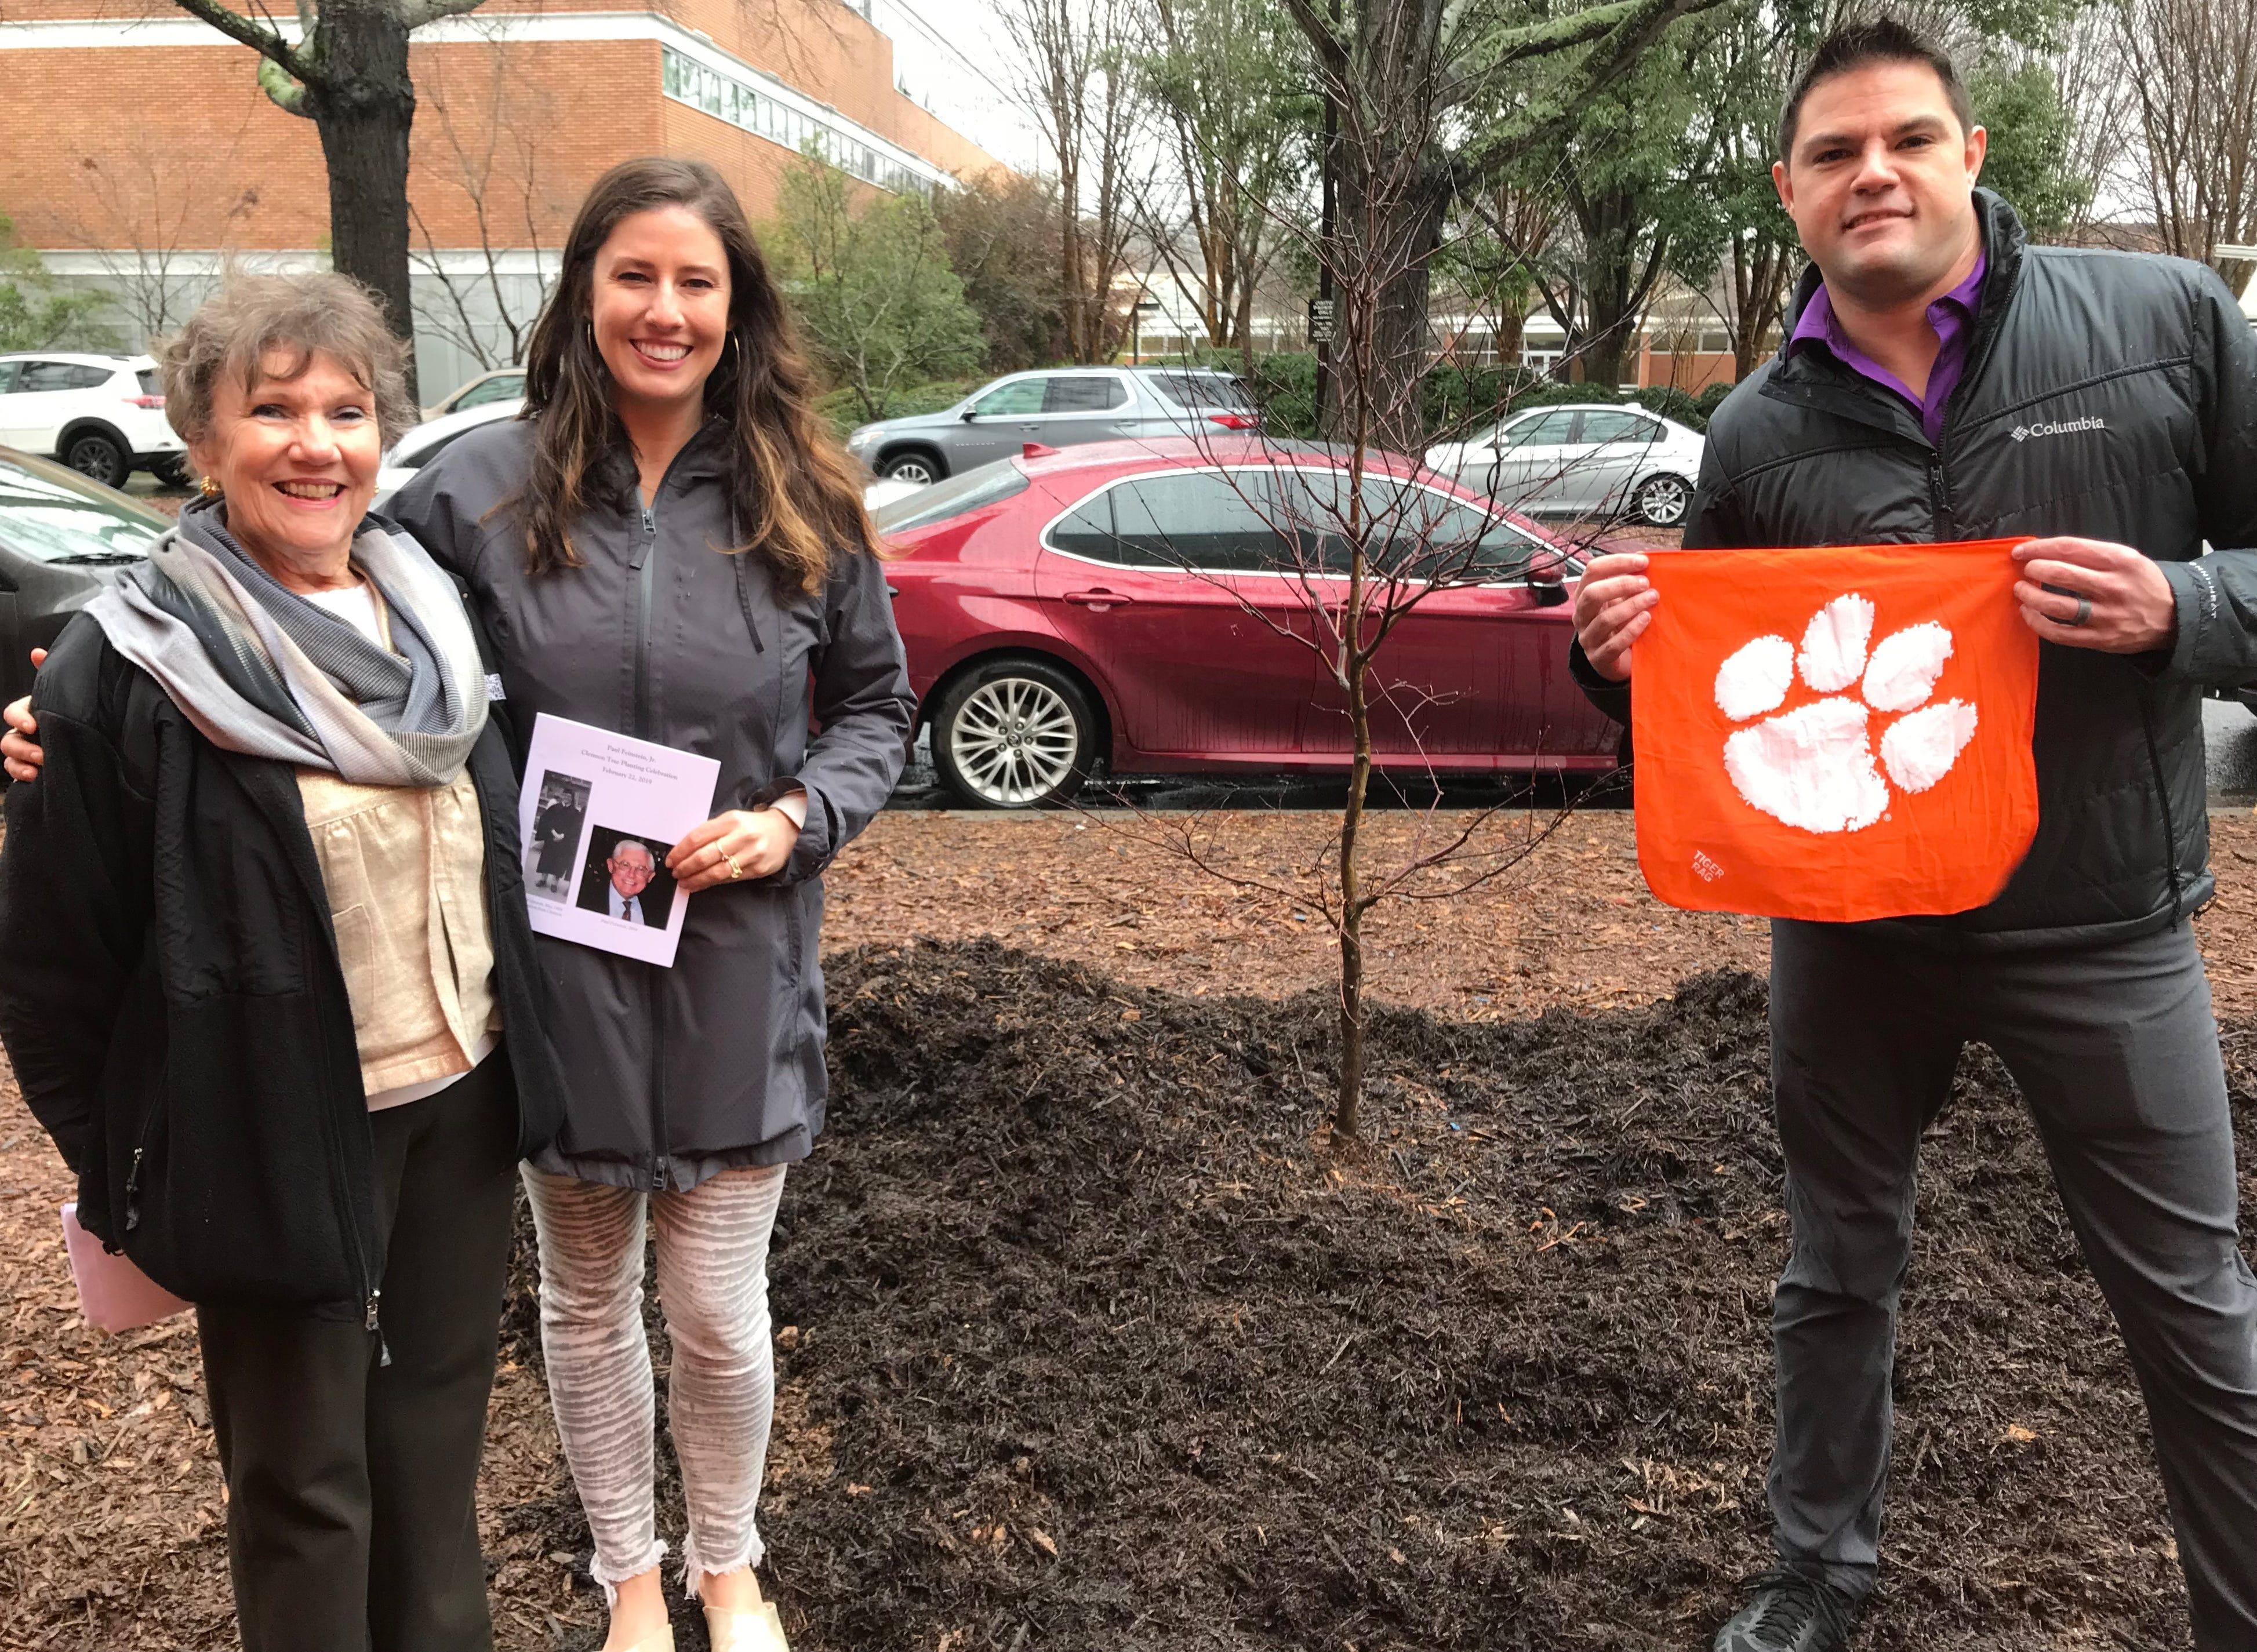 Jane Archer Feinstein, Sarah Jane Feinstein Brynestad and David Scott Feinstein stand by a newly planted tree on Clemson's campus.